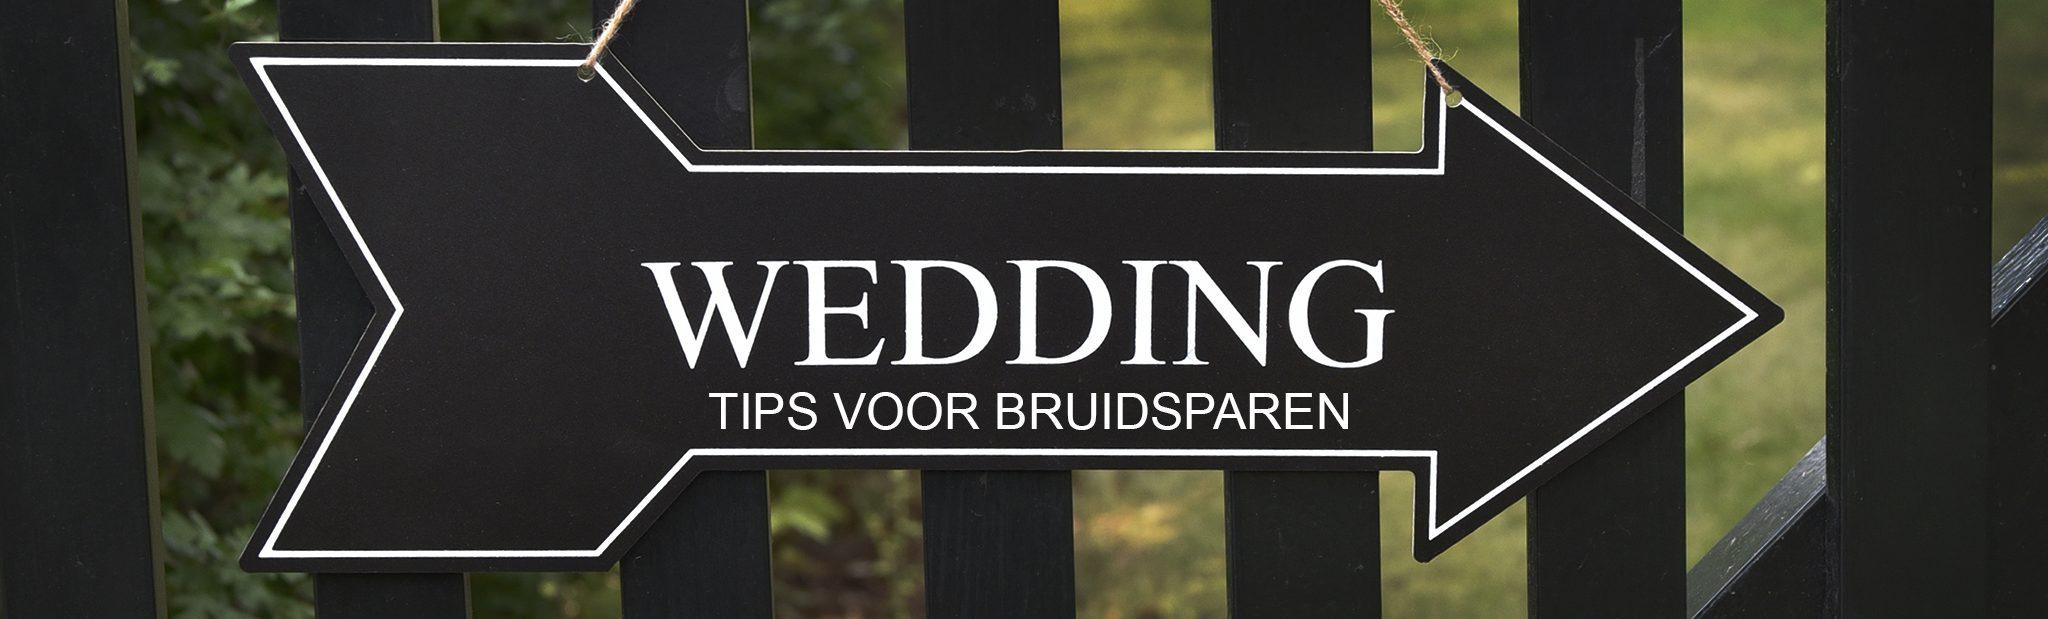 tips-voor-bruidsparen_fred-de-krom-fotografie-en-beeldbewerking